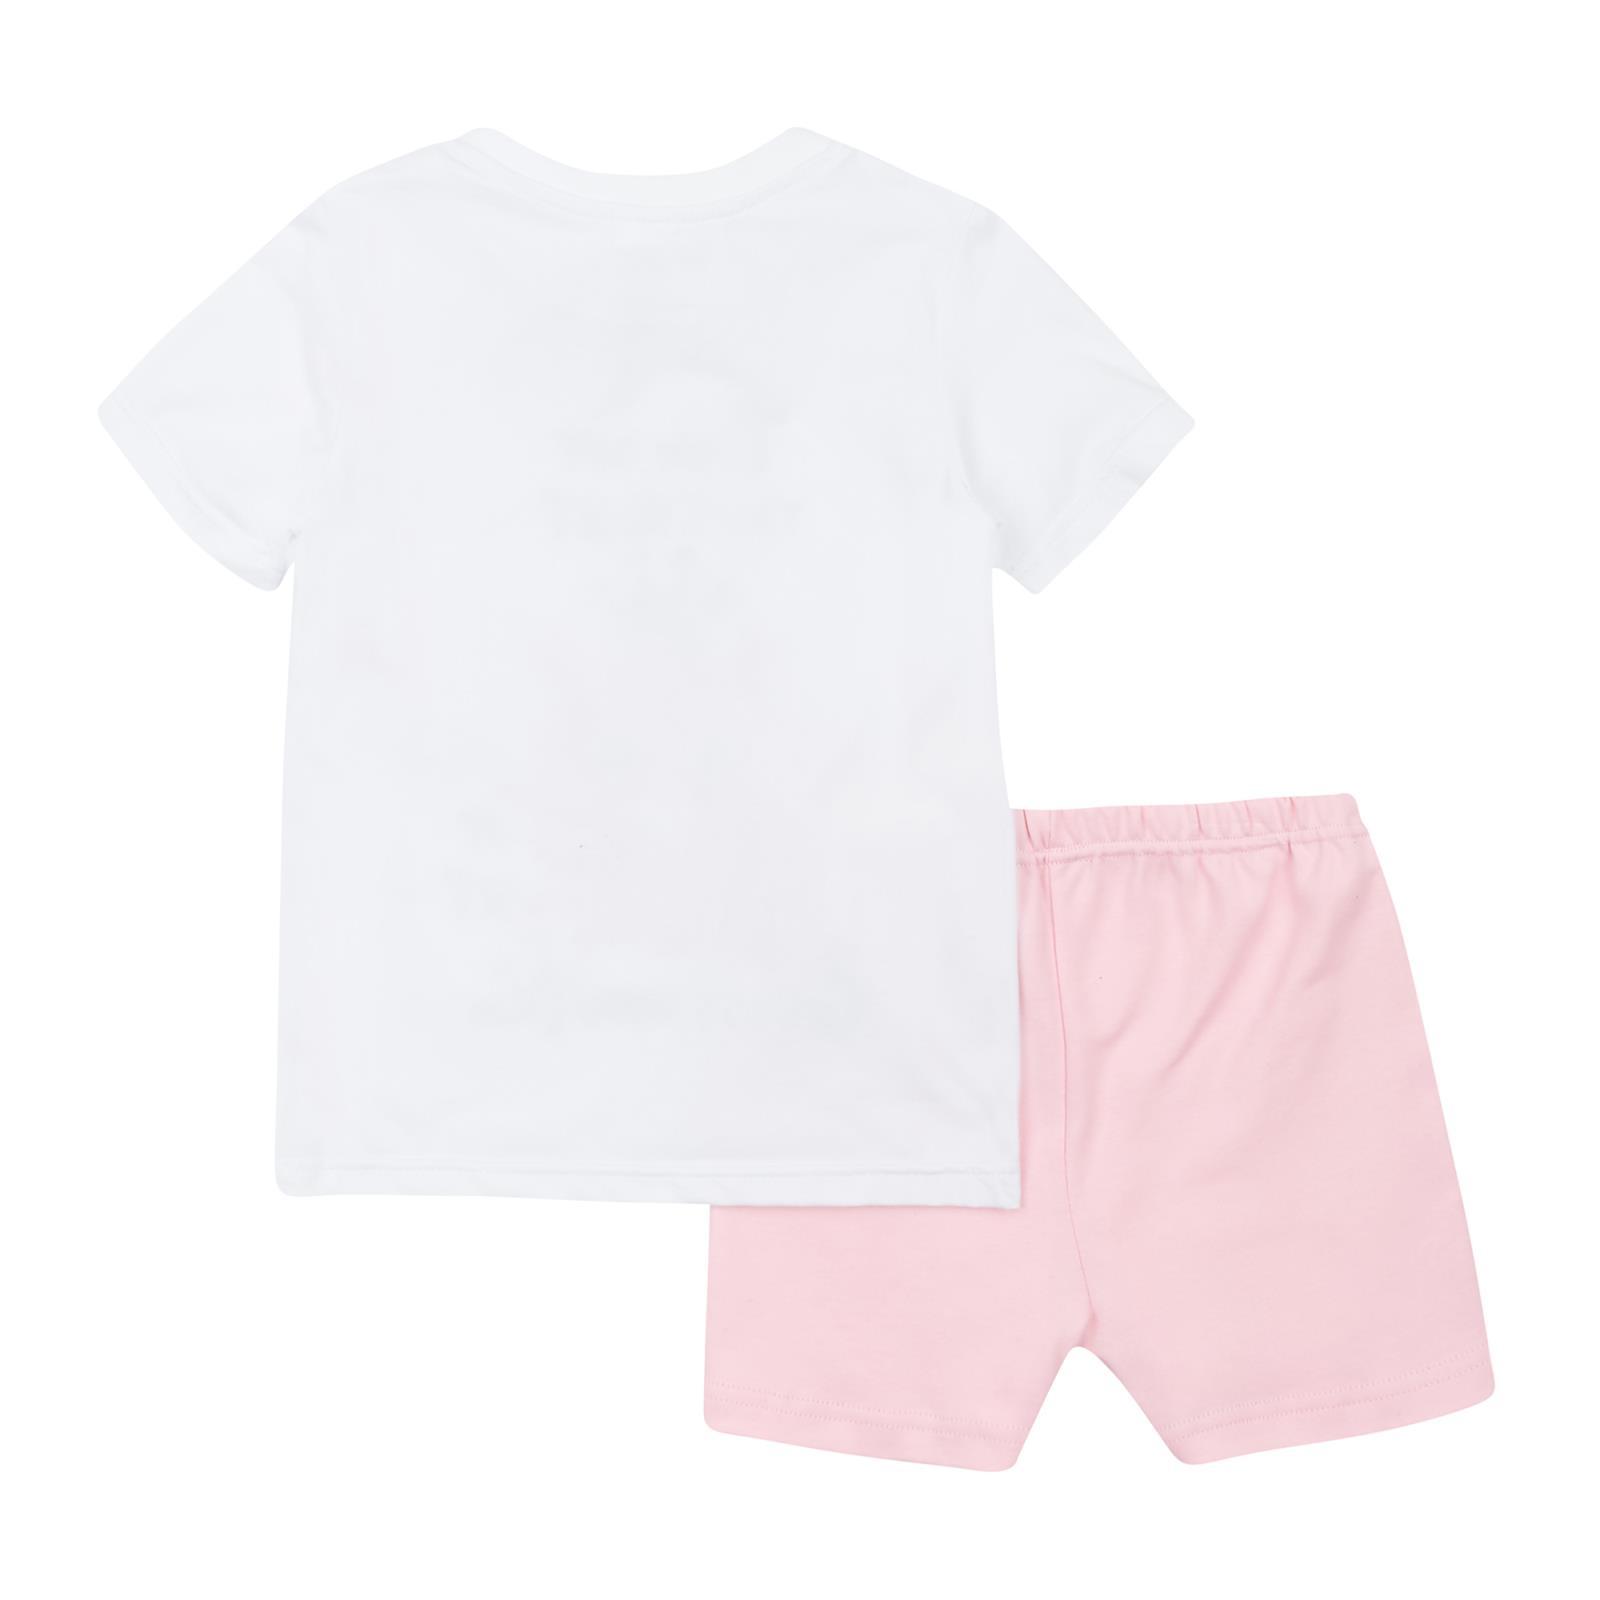 Пижама детские Garnamama модель 2EI~98773-5 приобрести, 2017